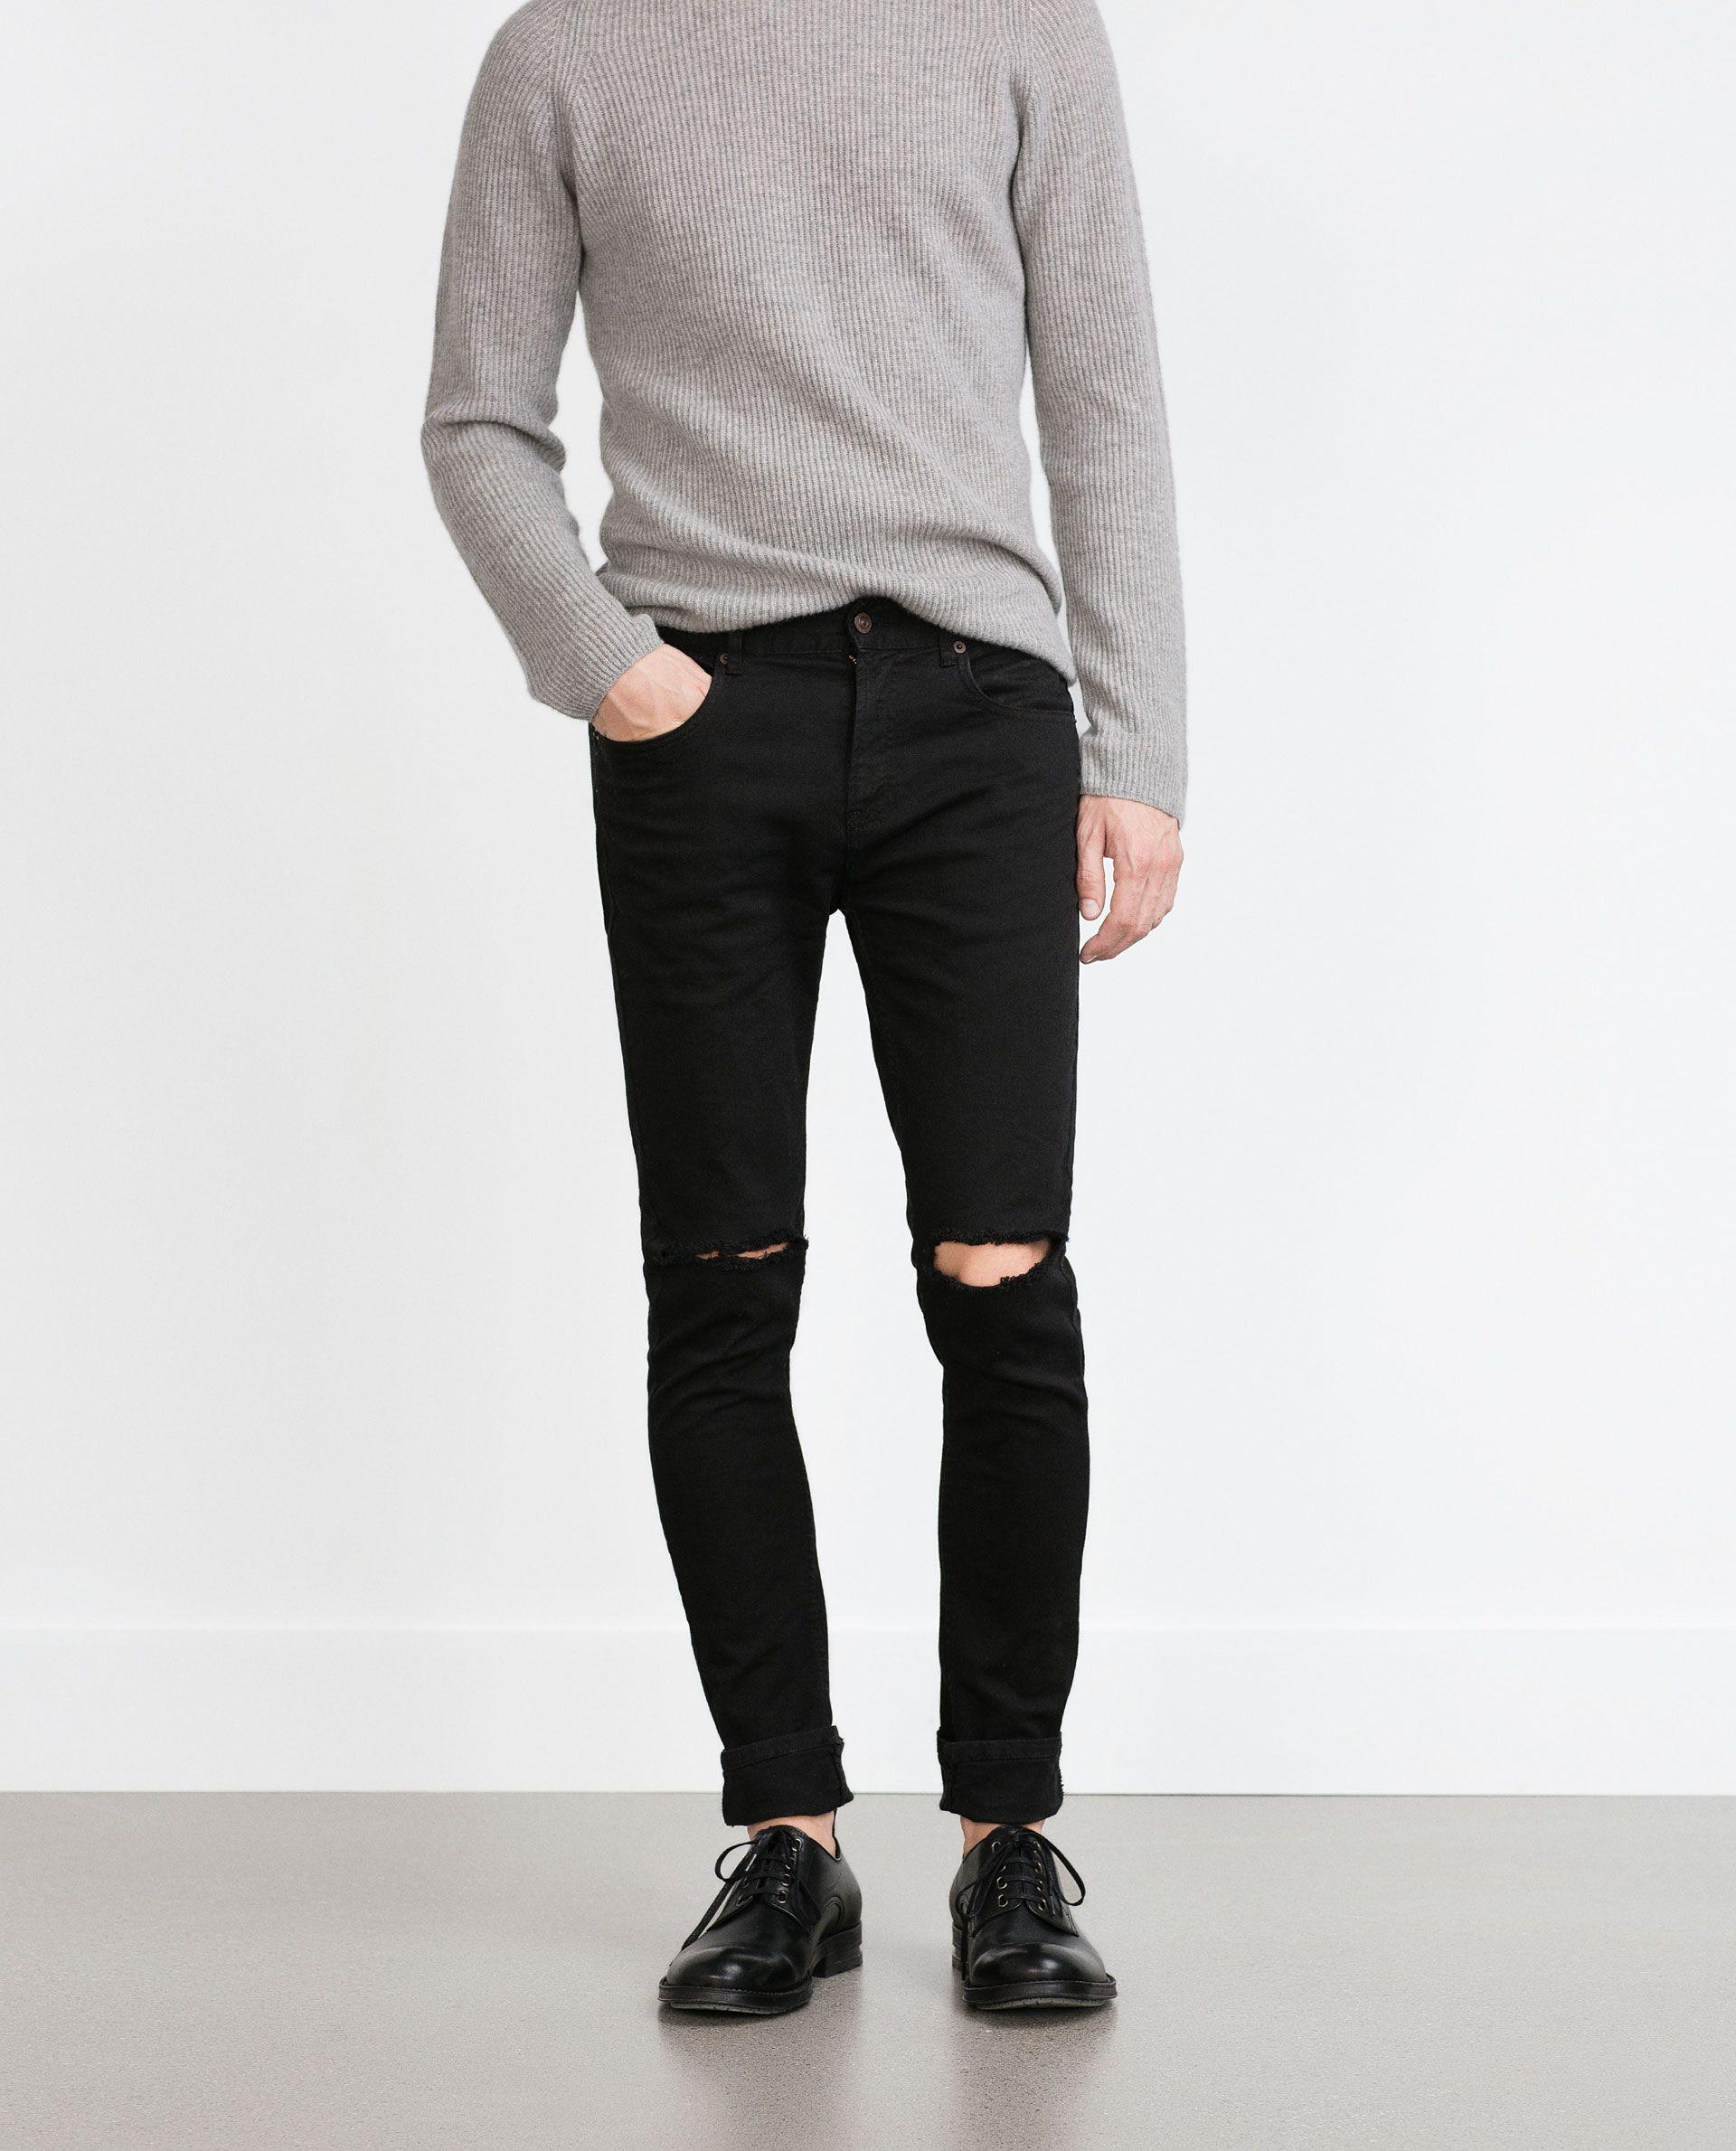 Pantalon Rotos Rodilla Ver Todo Jeans Hombre Long Bomber Jacket Jeans Trousers